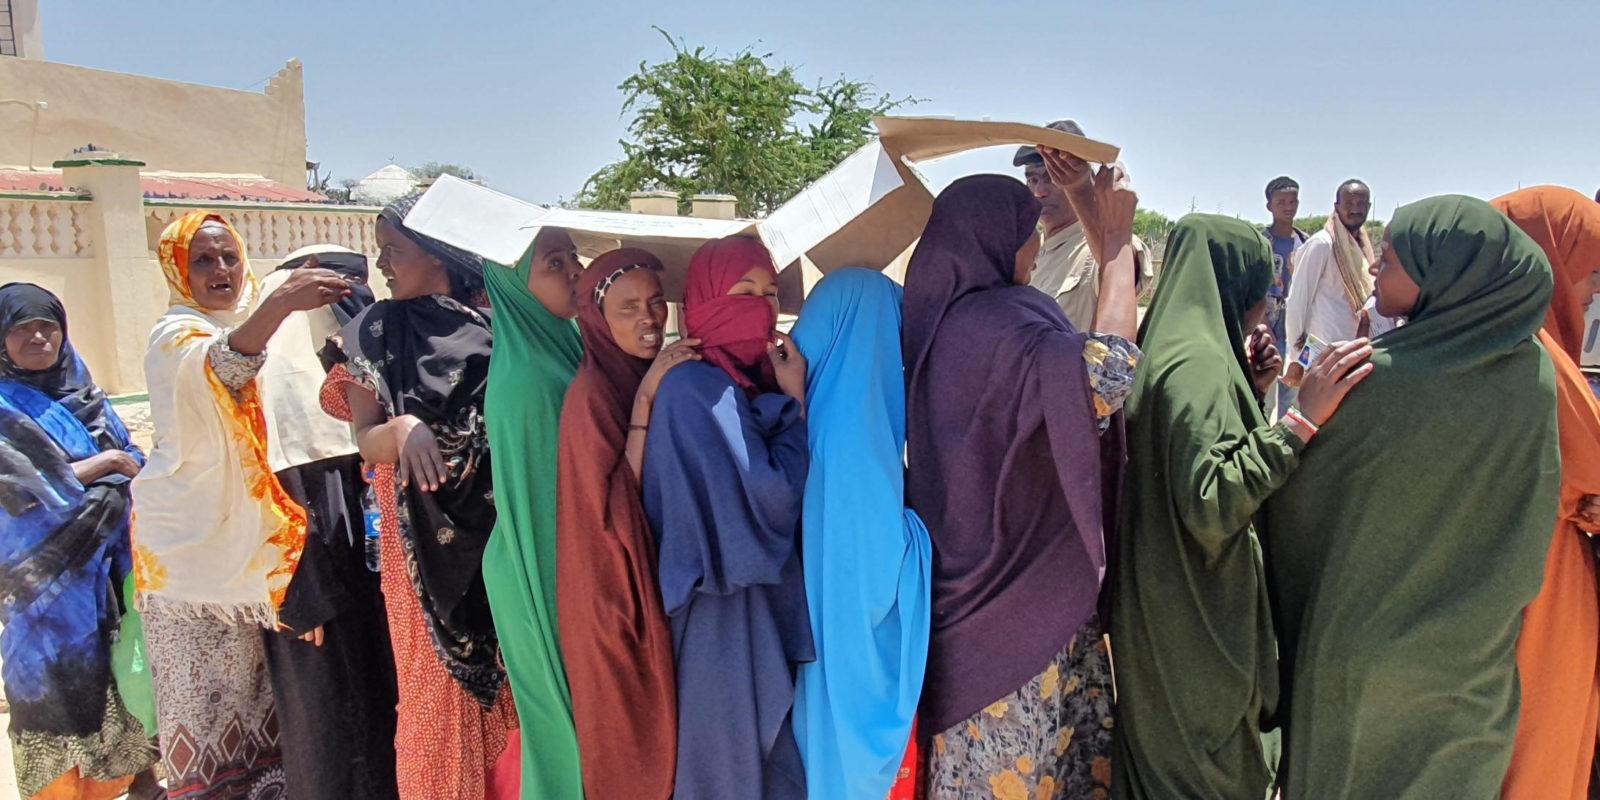 Beesha Caalamka Oo Somaliland Ku Hambalyeeyay Doorashooyinkii Baarlamaanka Iyo Deegaanka Ee Qabsoomay 31-kii May 2021